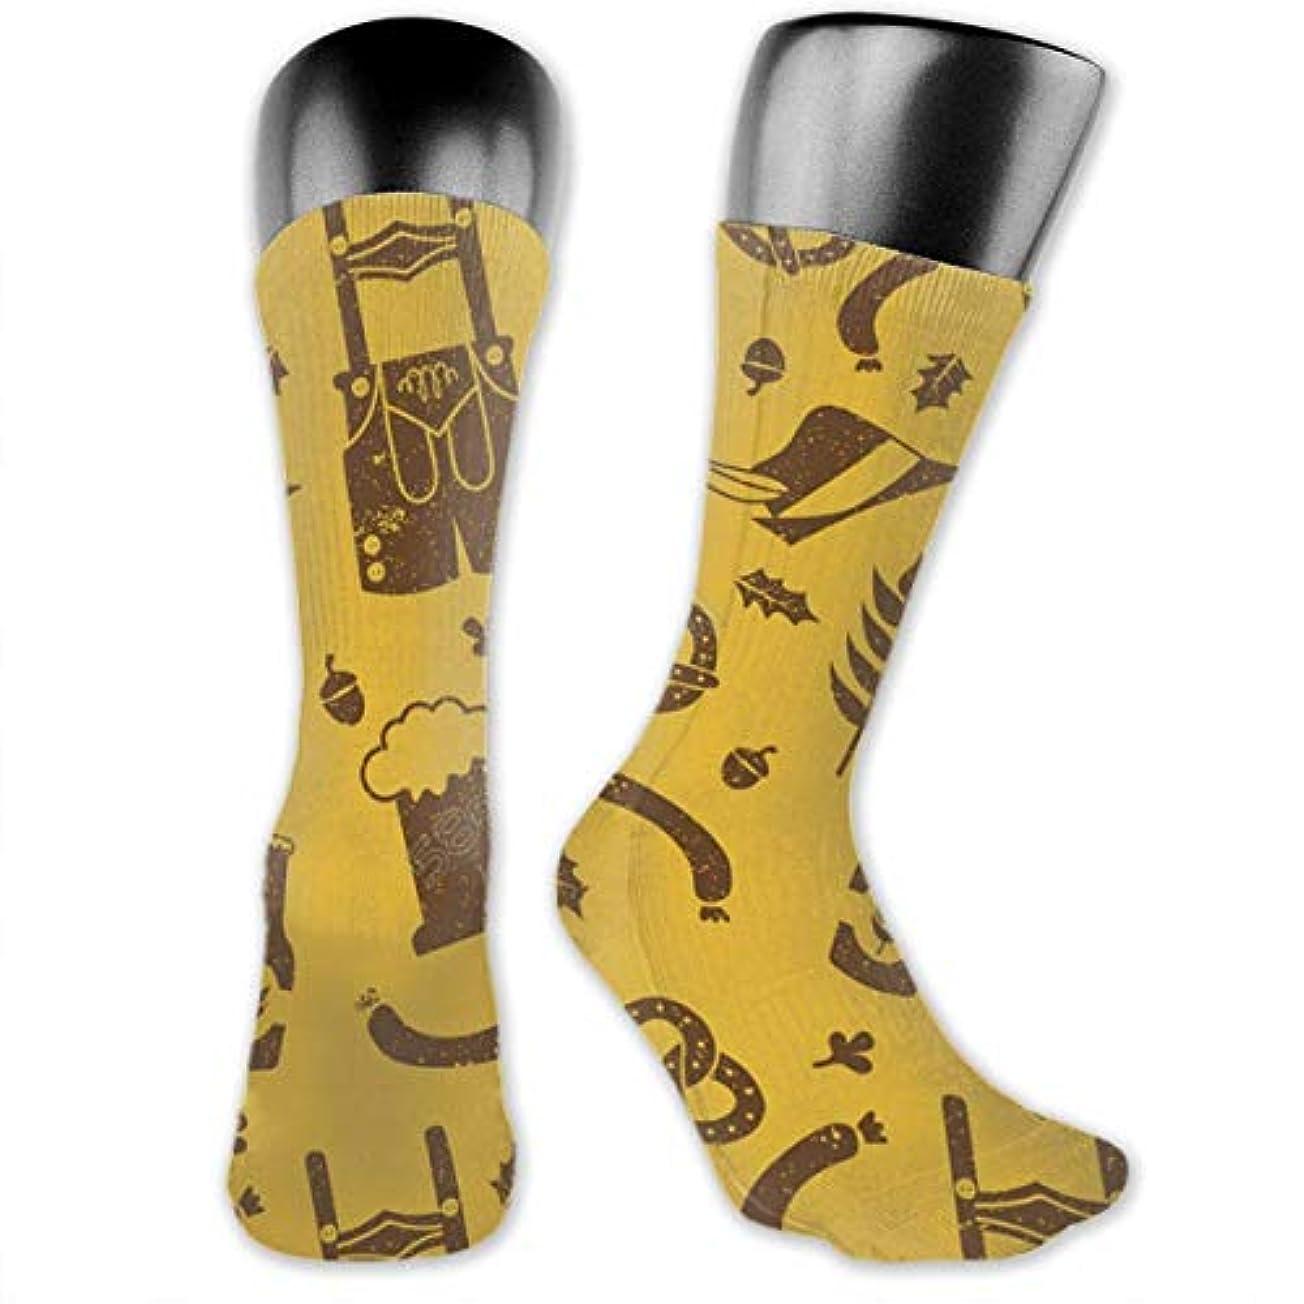 アスリート提唱する眉をひそめるMKLOS 通気性 圧縮ソックス Breathable Thigh High Socks Over Exotic Psychedelic Print Compression High Tube Thigh Boot Stockings...